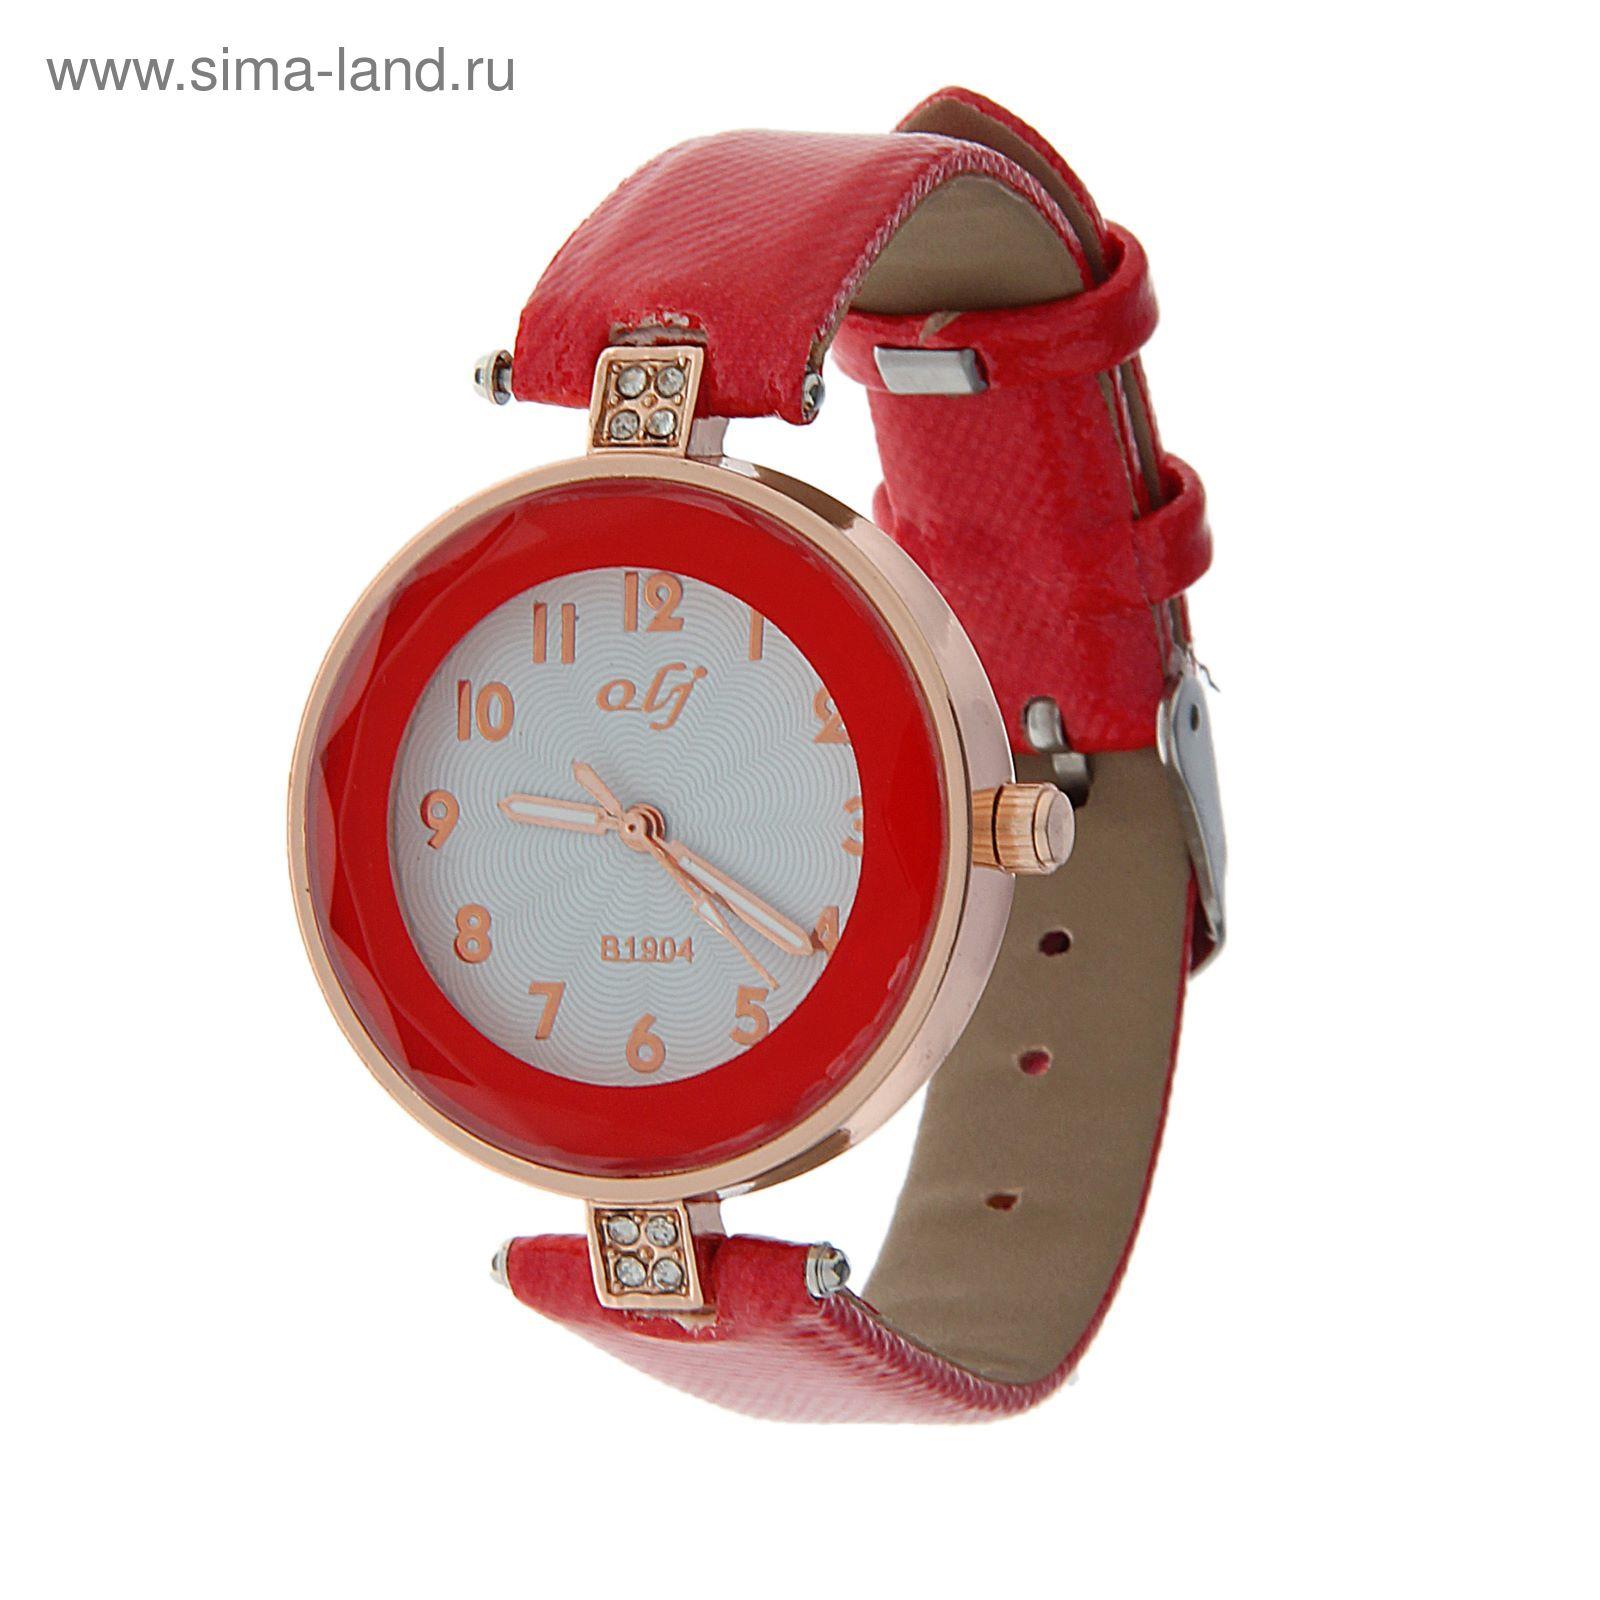 Часы с цветным ремешком купить дюссельдорф часы купить